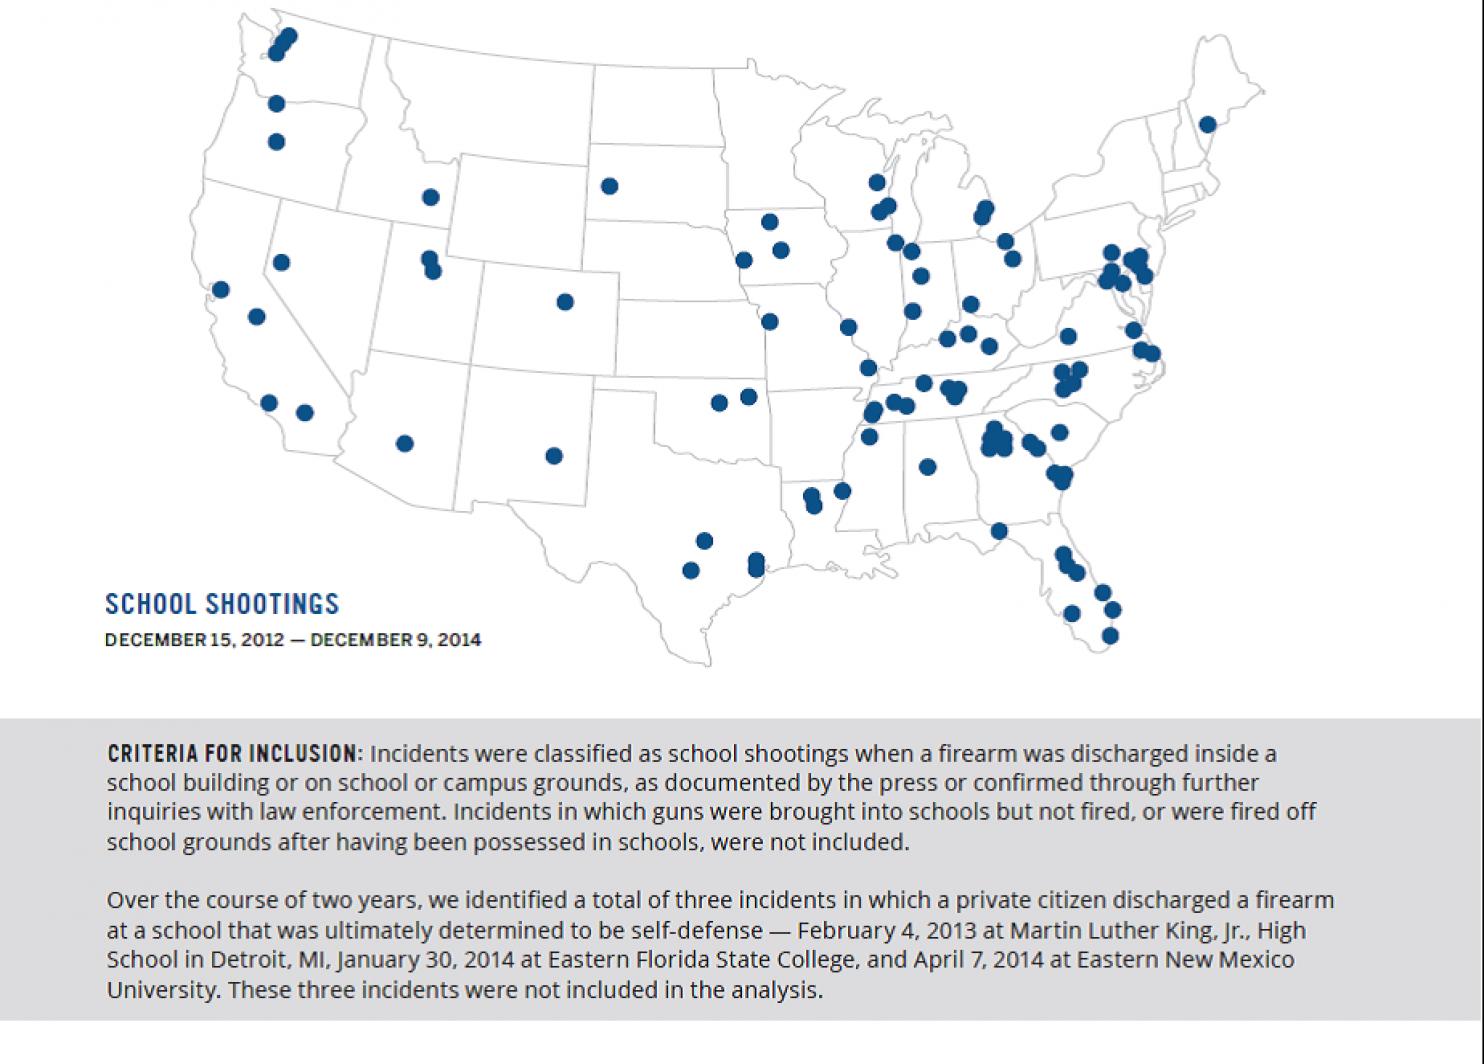 alarming number of school shootings - Copy